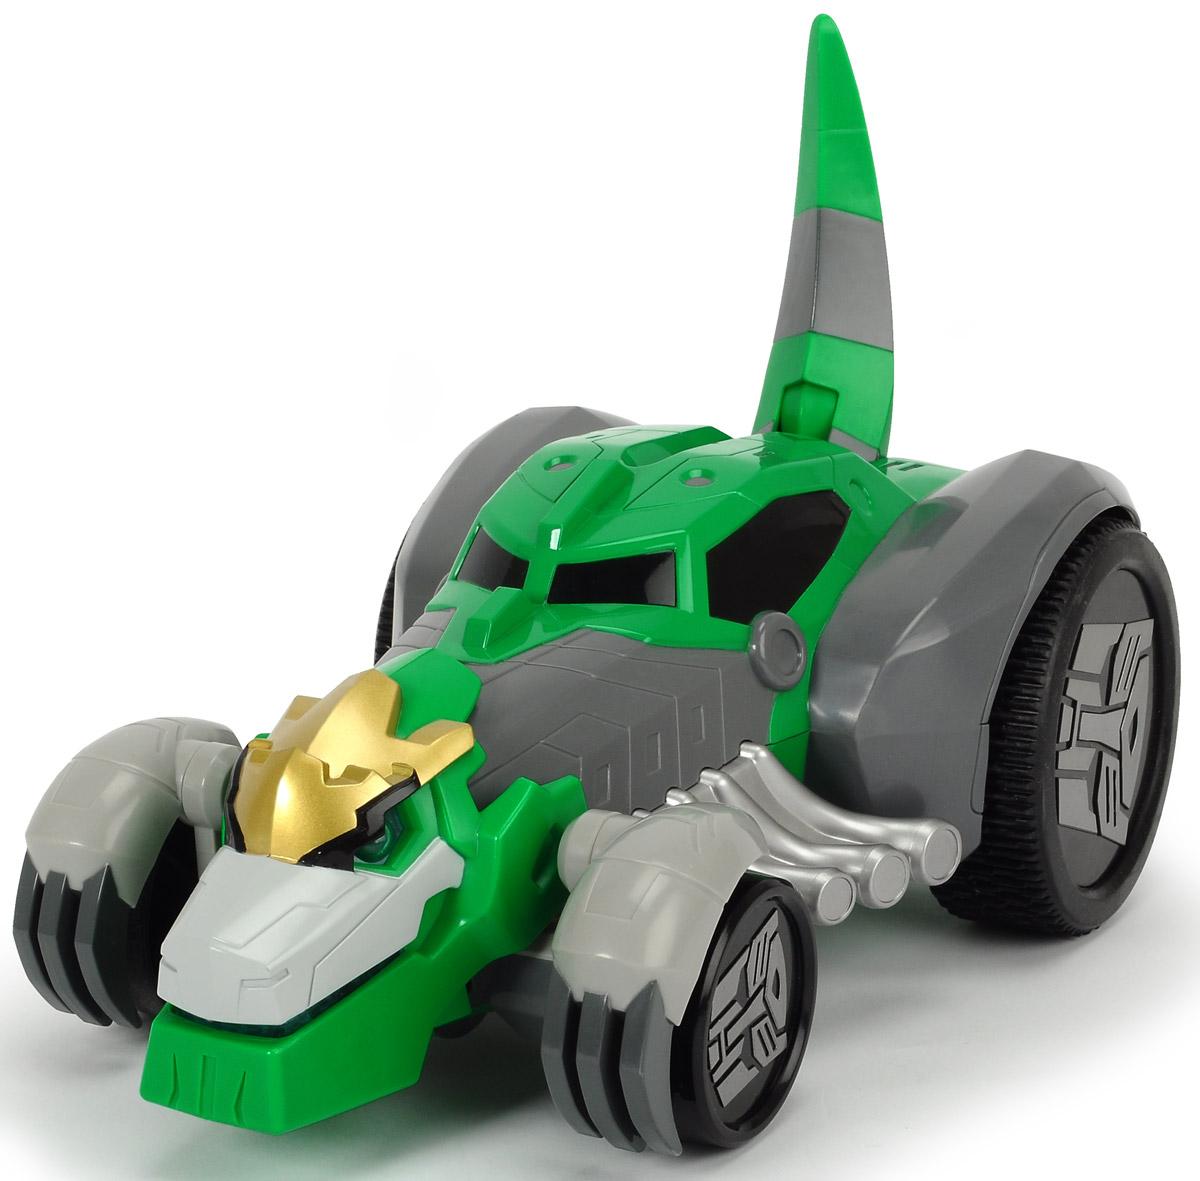 """Машинка-трансформер Dickie Toys """"Grimlock"""" - это необычная машинка, которая с помощью одной кнопки превращается в трансформера- динозавра Grimlock из мультфильма """"Трансформеры. Роботы под прикрытием"""". Главной особенностью персонажа этого популярного мультфильма по имени Гримлок была его трансформация из огромного динозавра в быстрый гоночный автомобиль, который не давал противнику шансов, уйти от погони. Теперь это настоящий боевой трансформер, который может ездить на задних колесах вперед и назад, налево и направо. Машинка имеет режим турбо, в котором достигает скорости до 8 км/ч. Пульт управления имеет световые и звуковые эффекты, а так же складывается и раскладывается. Время работы аккумулятора 30 минут, а время полной зарядки аккумулятора 120 минут. Машинка дополнена вращающимися колесами, диски которых украшены символикой трансформеров. Эта игрушка станет главным действующим лицом увлекательной игры, а ваш ребенок сможет придумать новую историю, проявив свою..."""